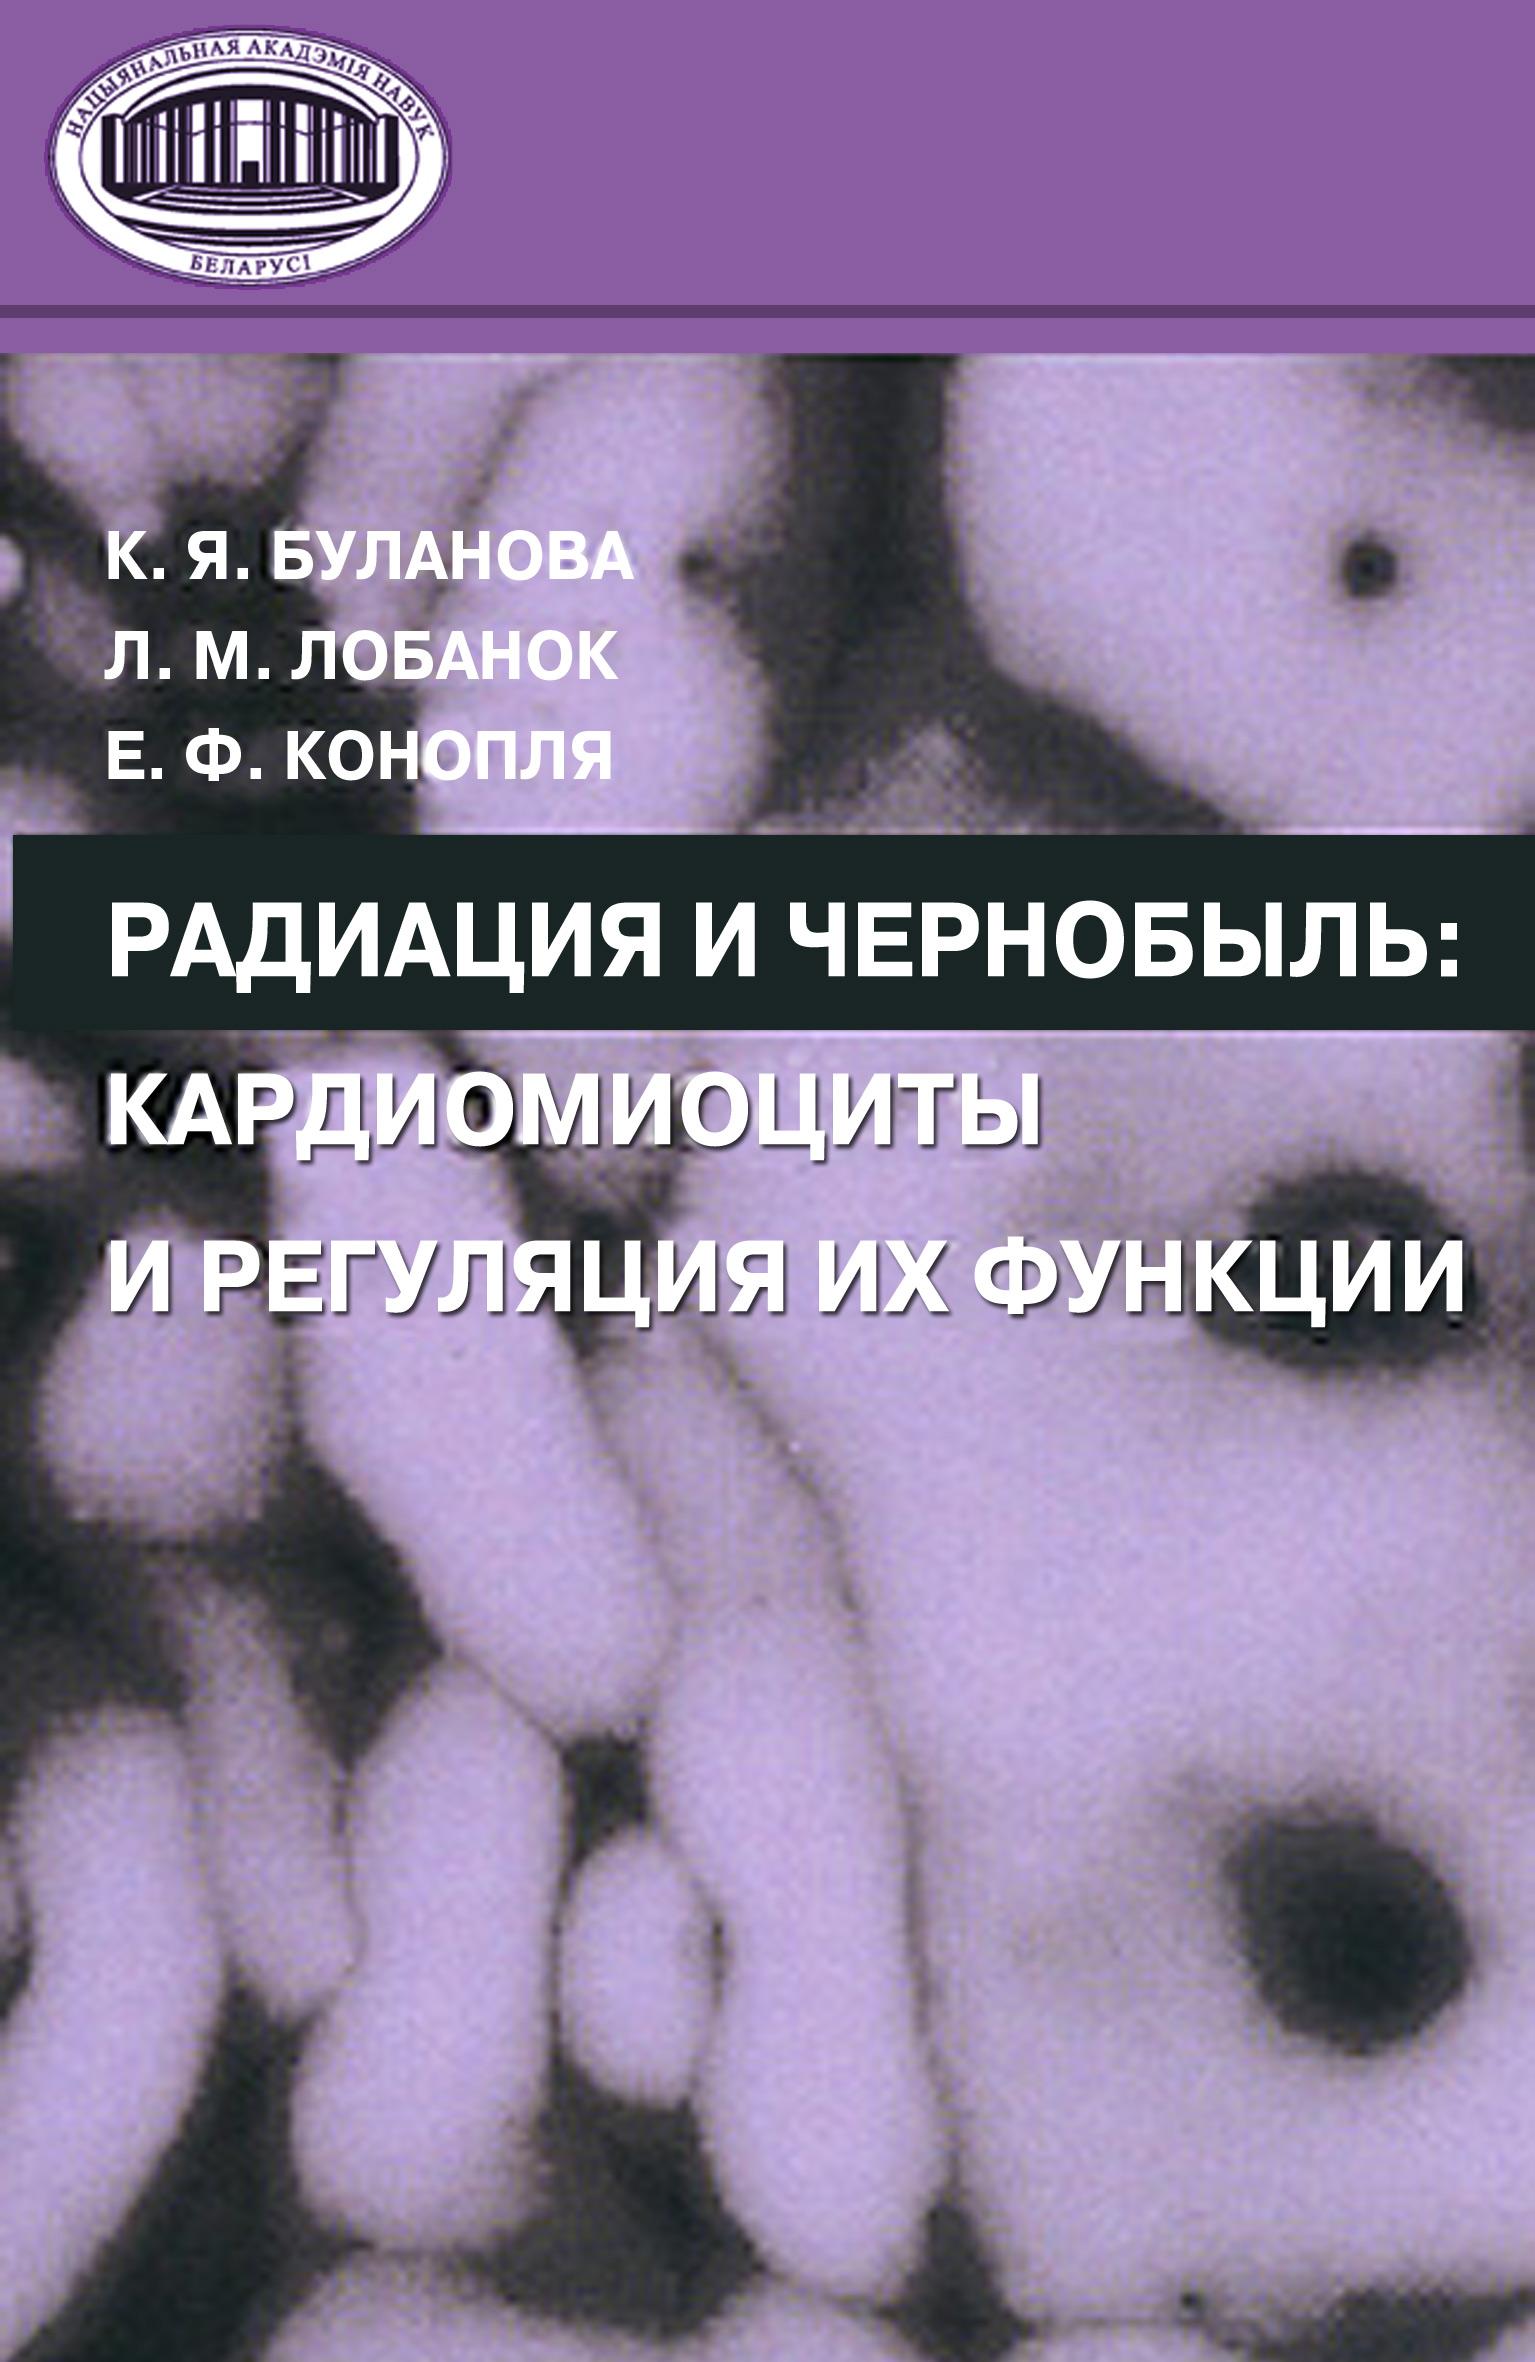 Радиация и Чернобыль. Кардиомиоциты и регуляция их функции